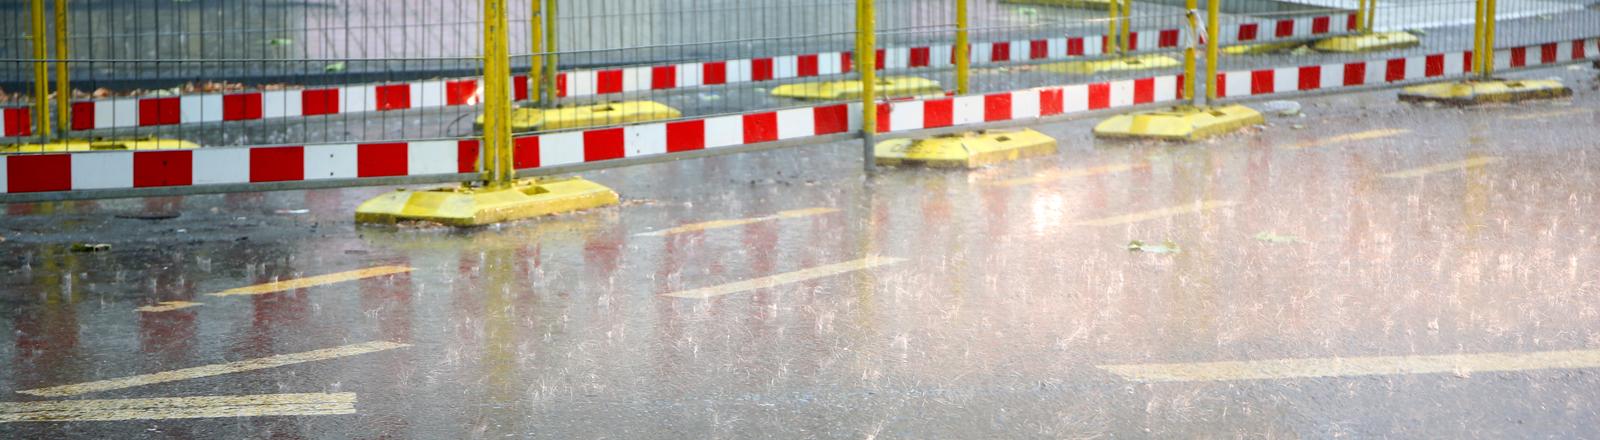 Starkregen prasselt auf die Straße